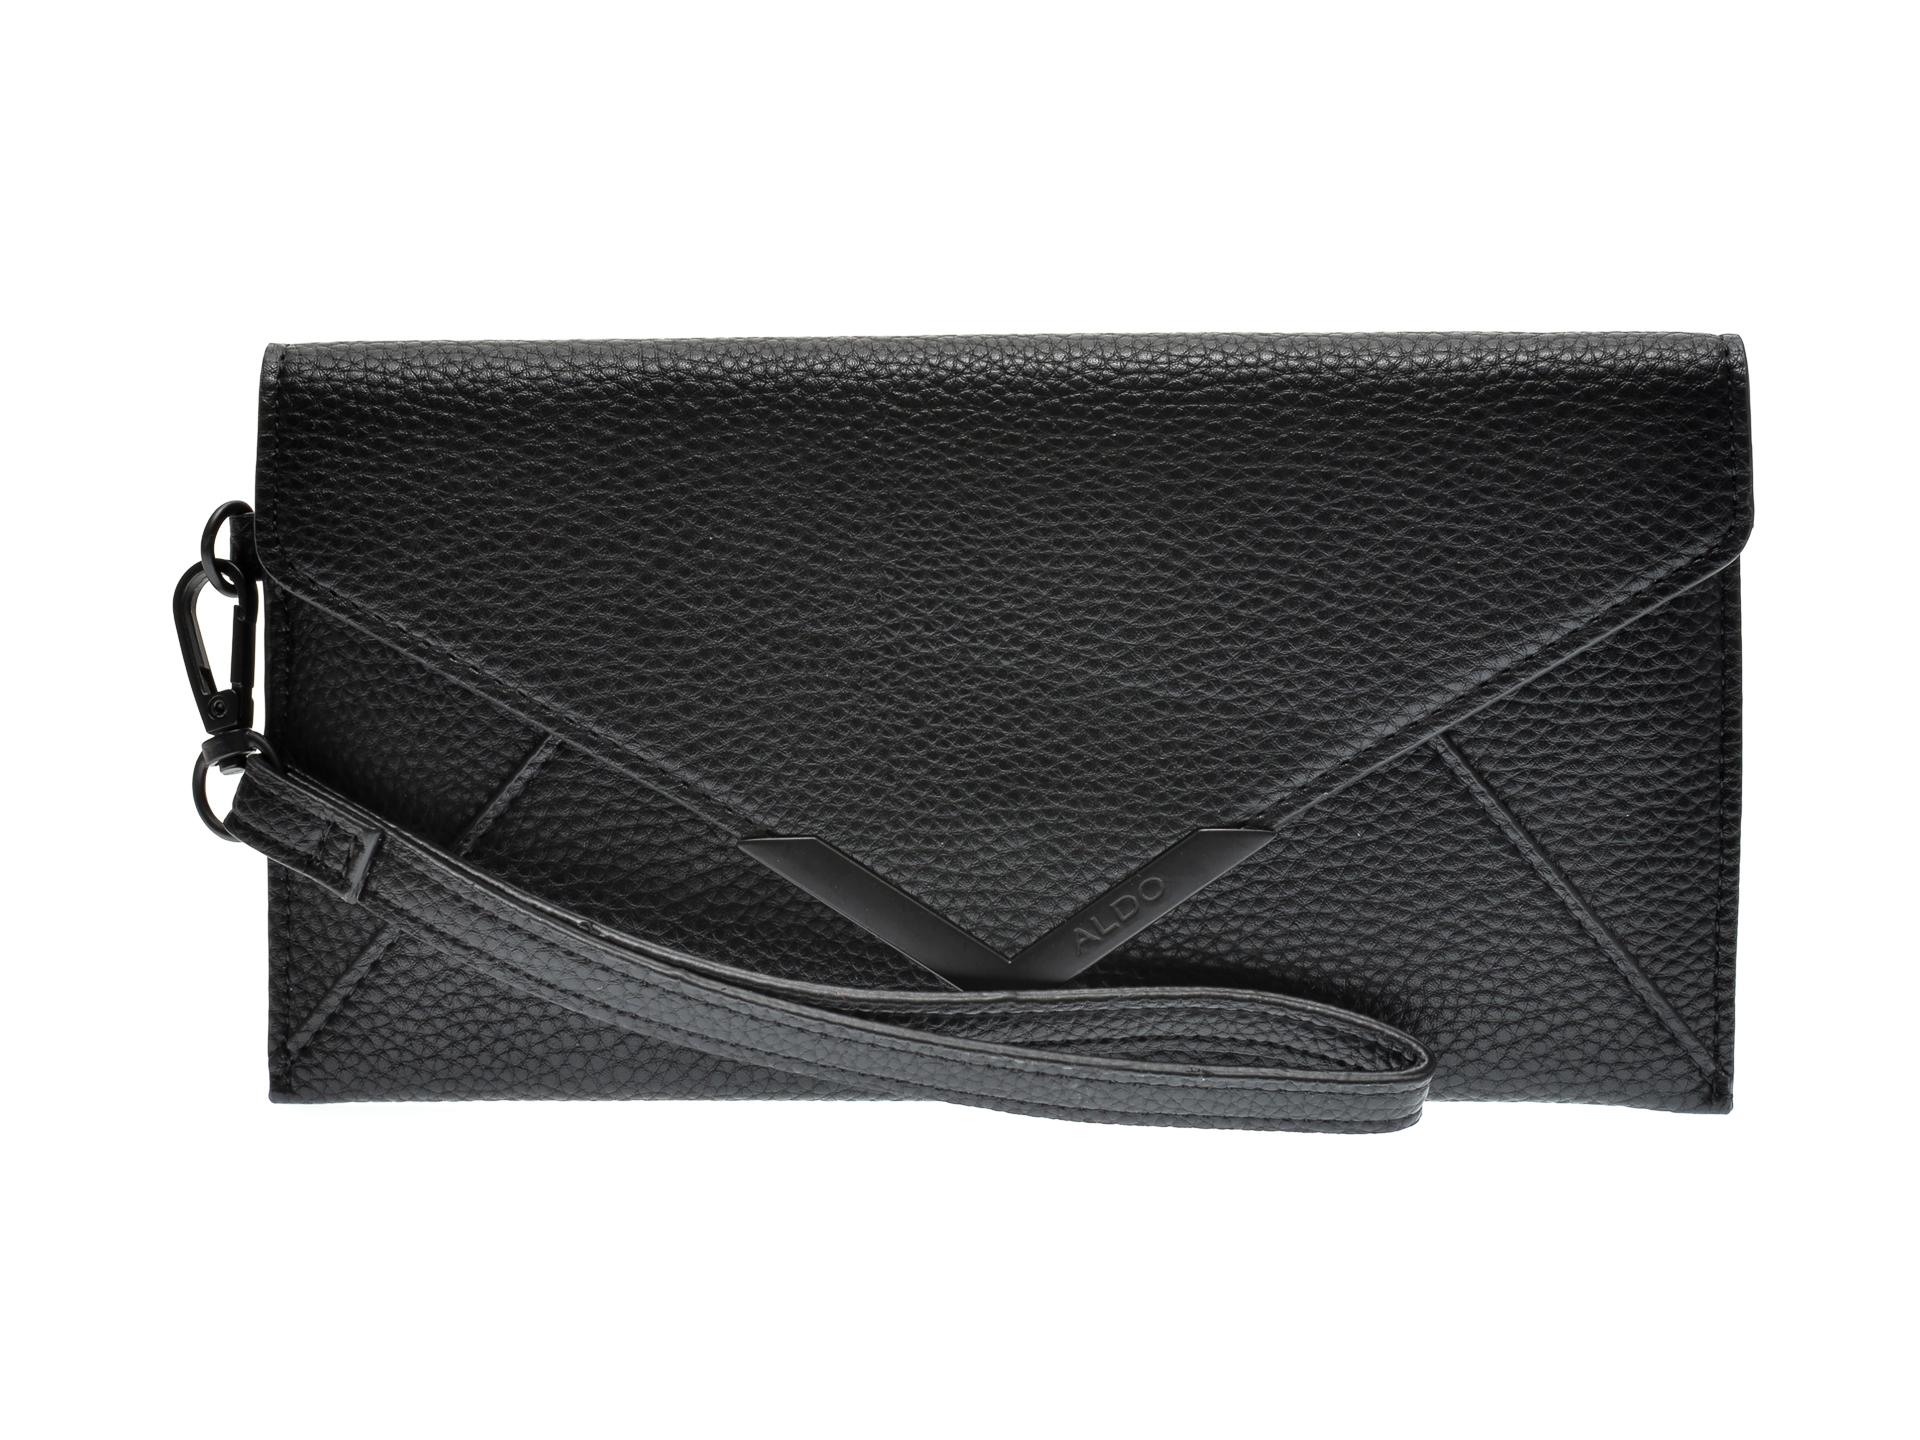 Portofel ALDO negru, Elizabeta007, din piele ecologica imagine